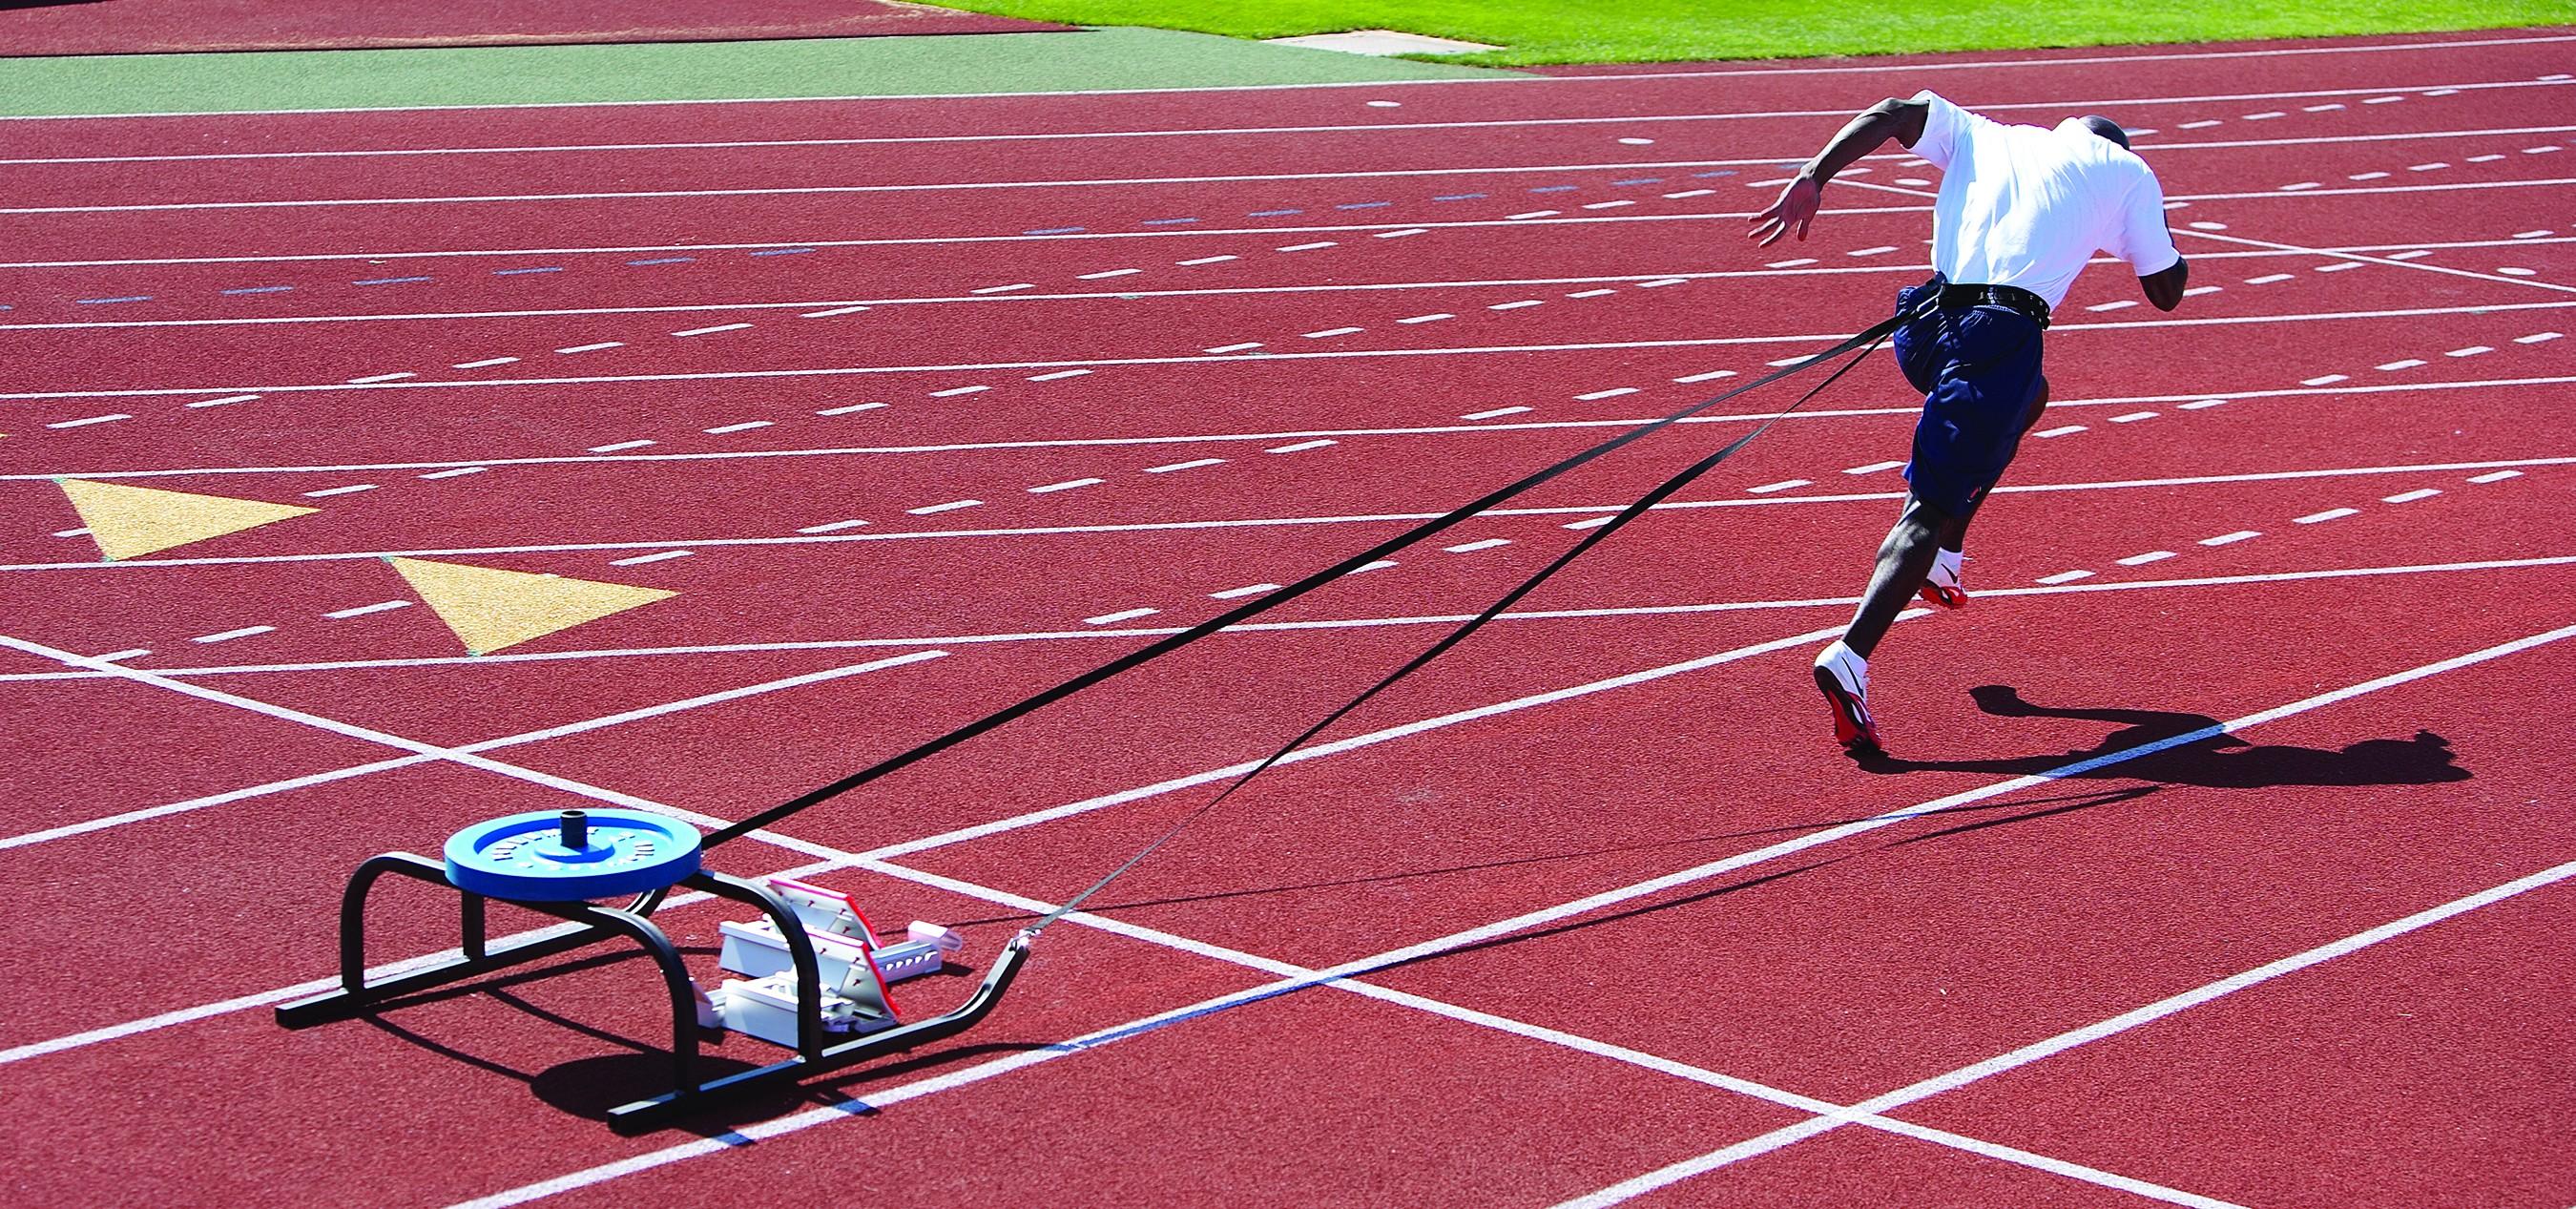 Véase aqui un ejemplo típico de entreno con sprint deslizando el trineo con una carga ligera